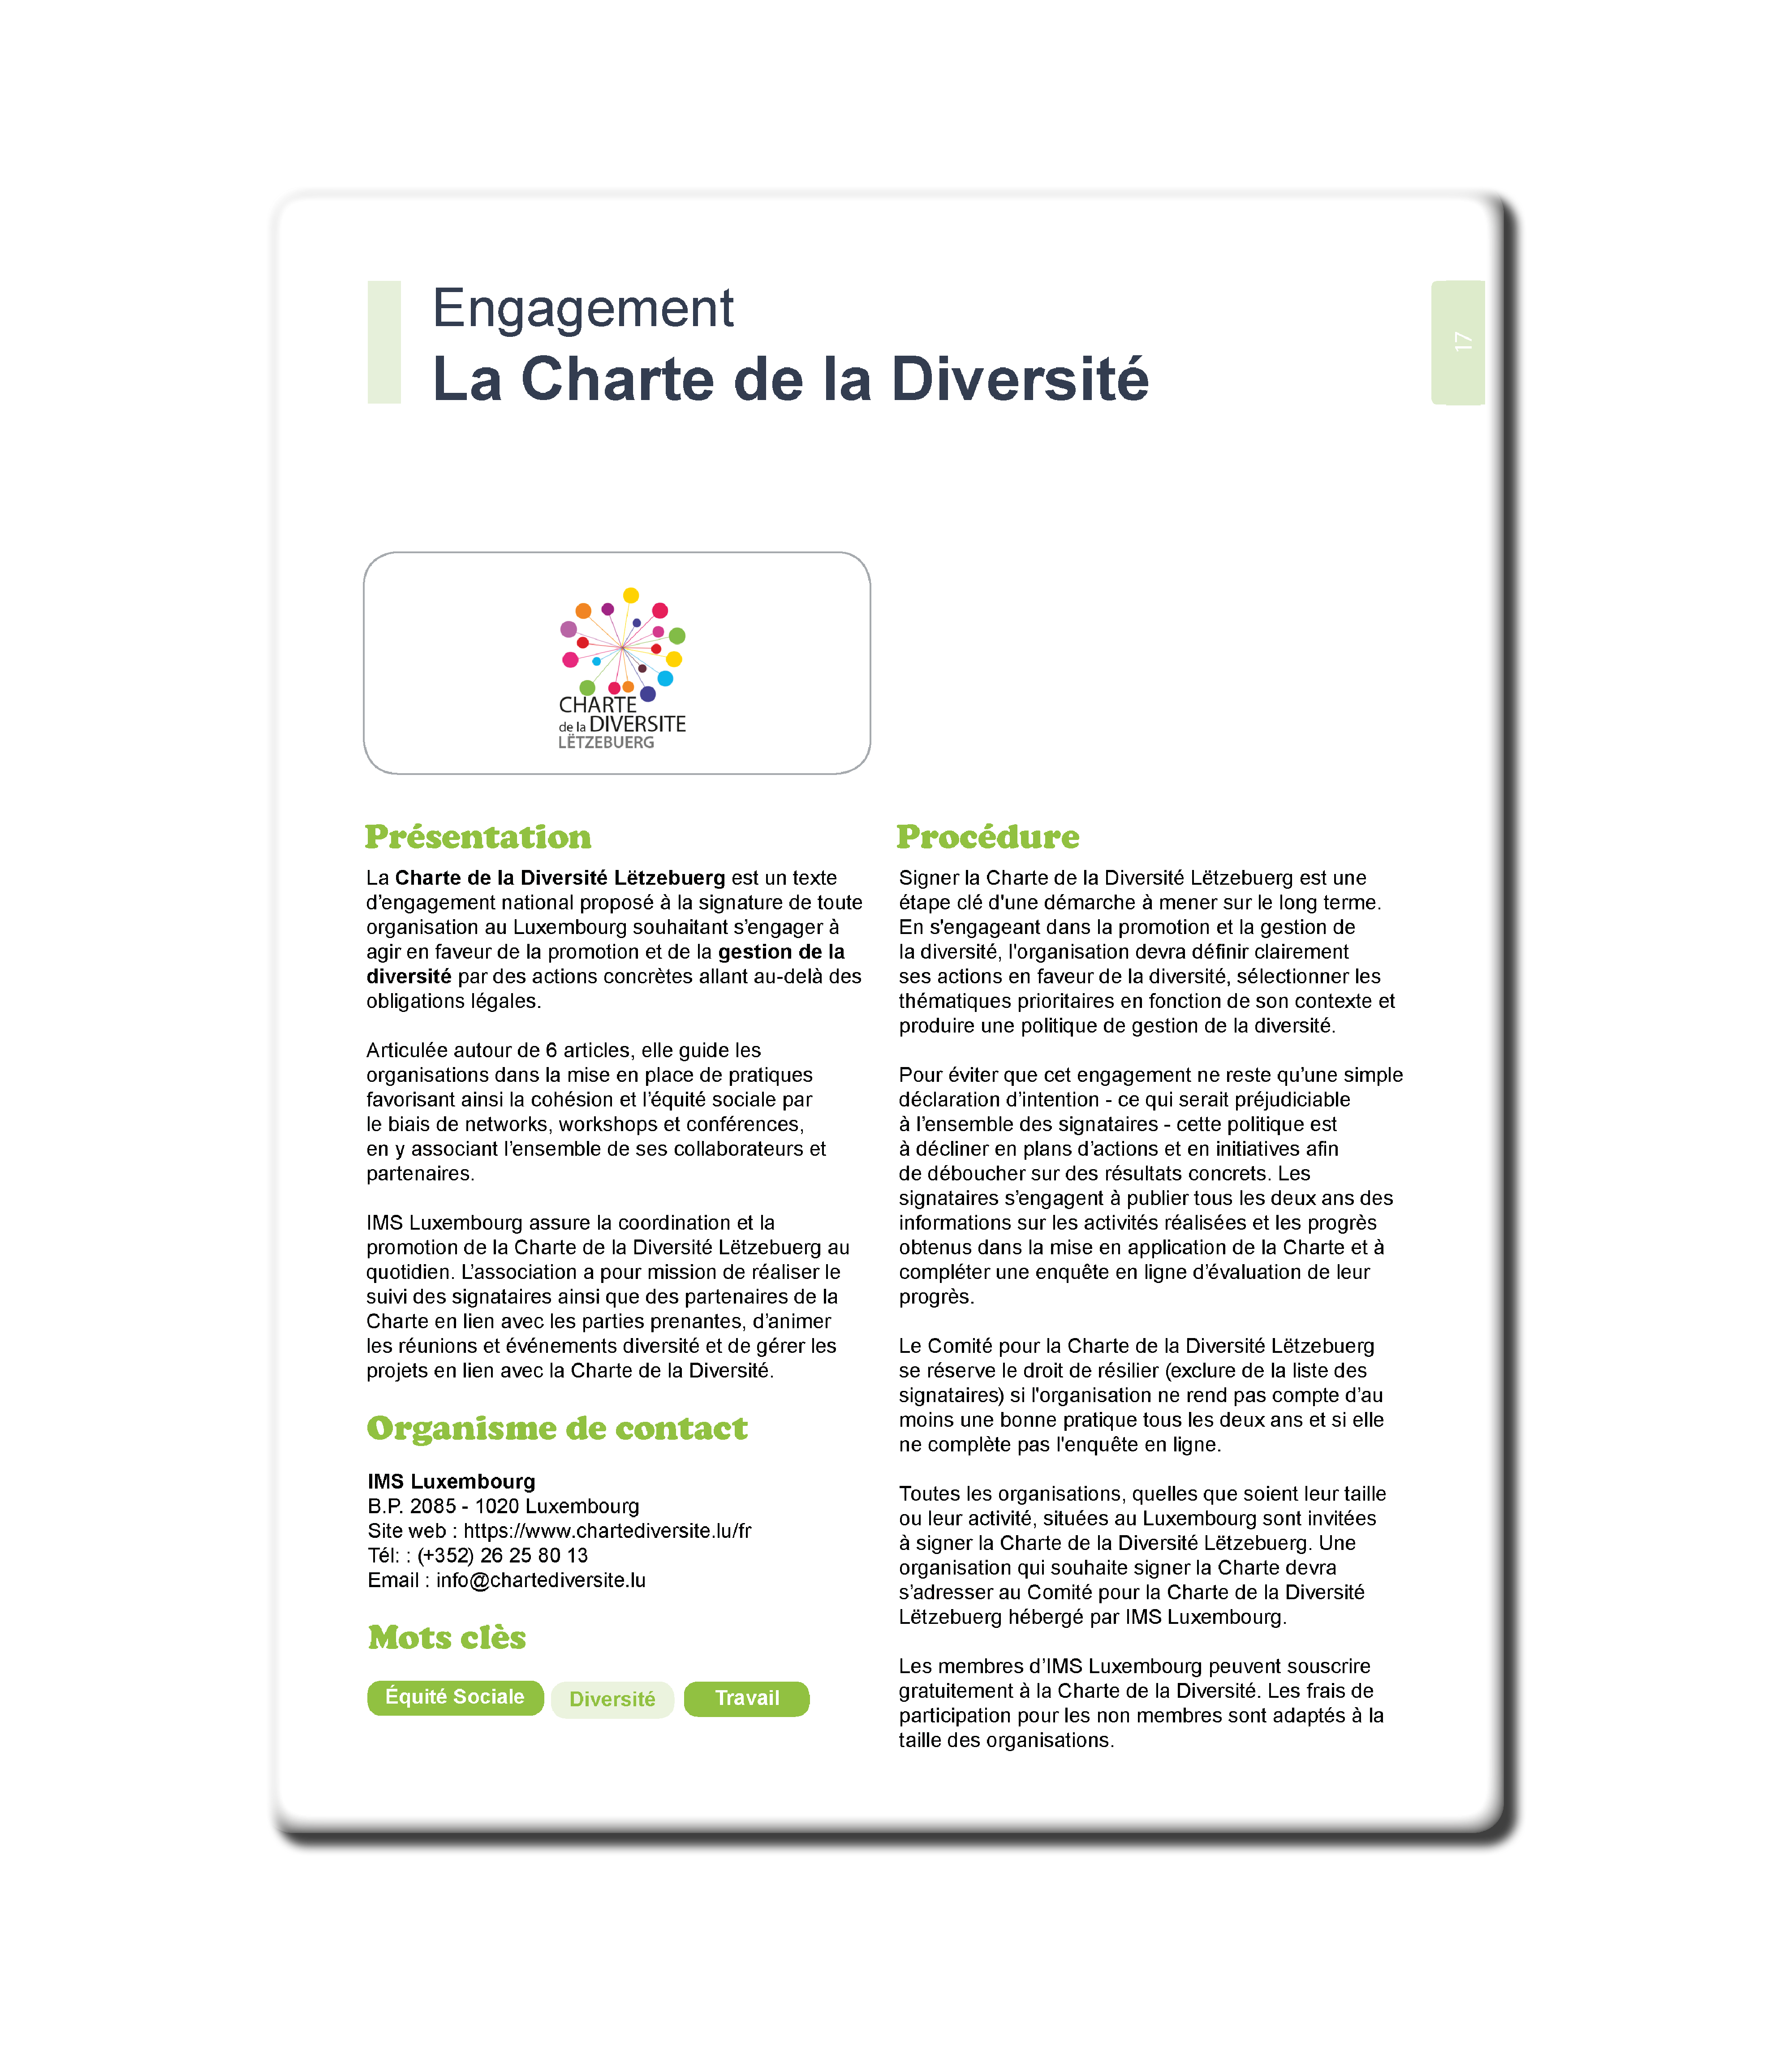 La charte de la diversite - Resources